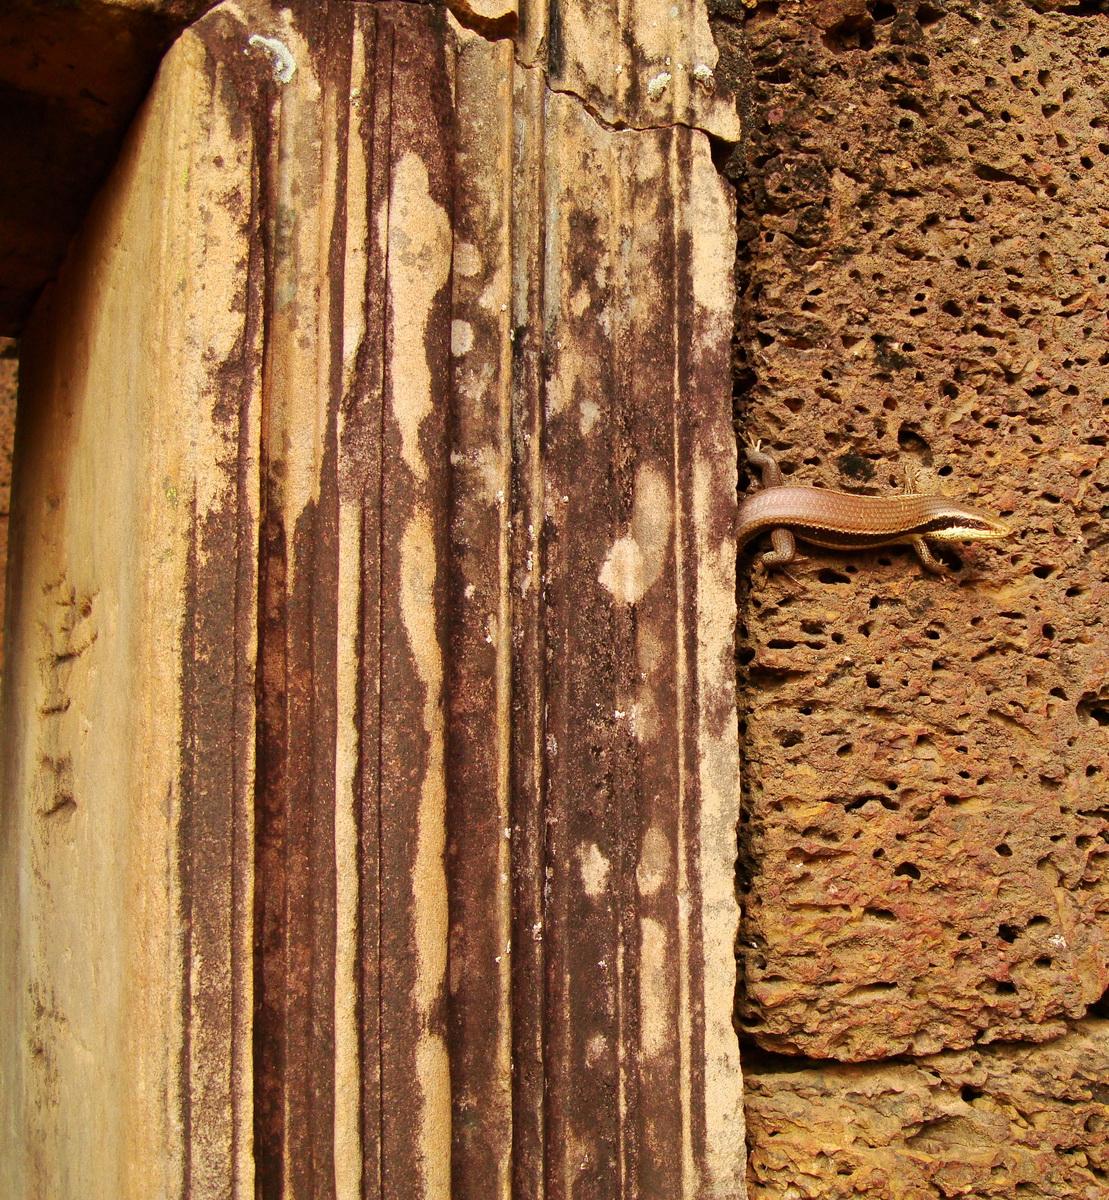 Banteay Srei Hindu Temple lizard Jan 2010 01